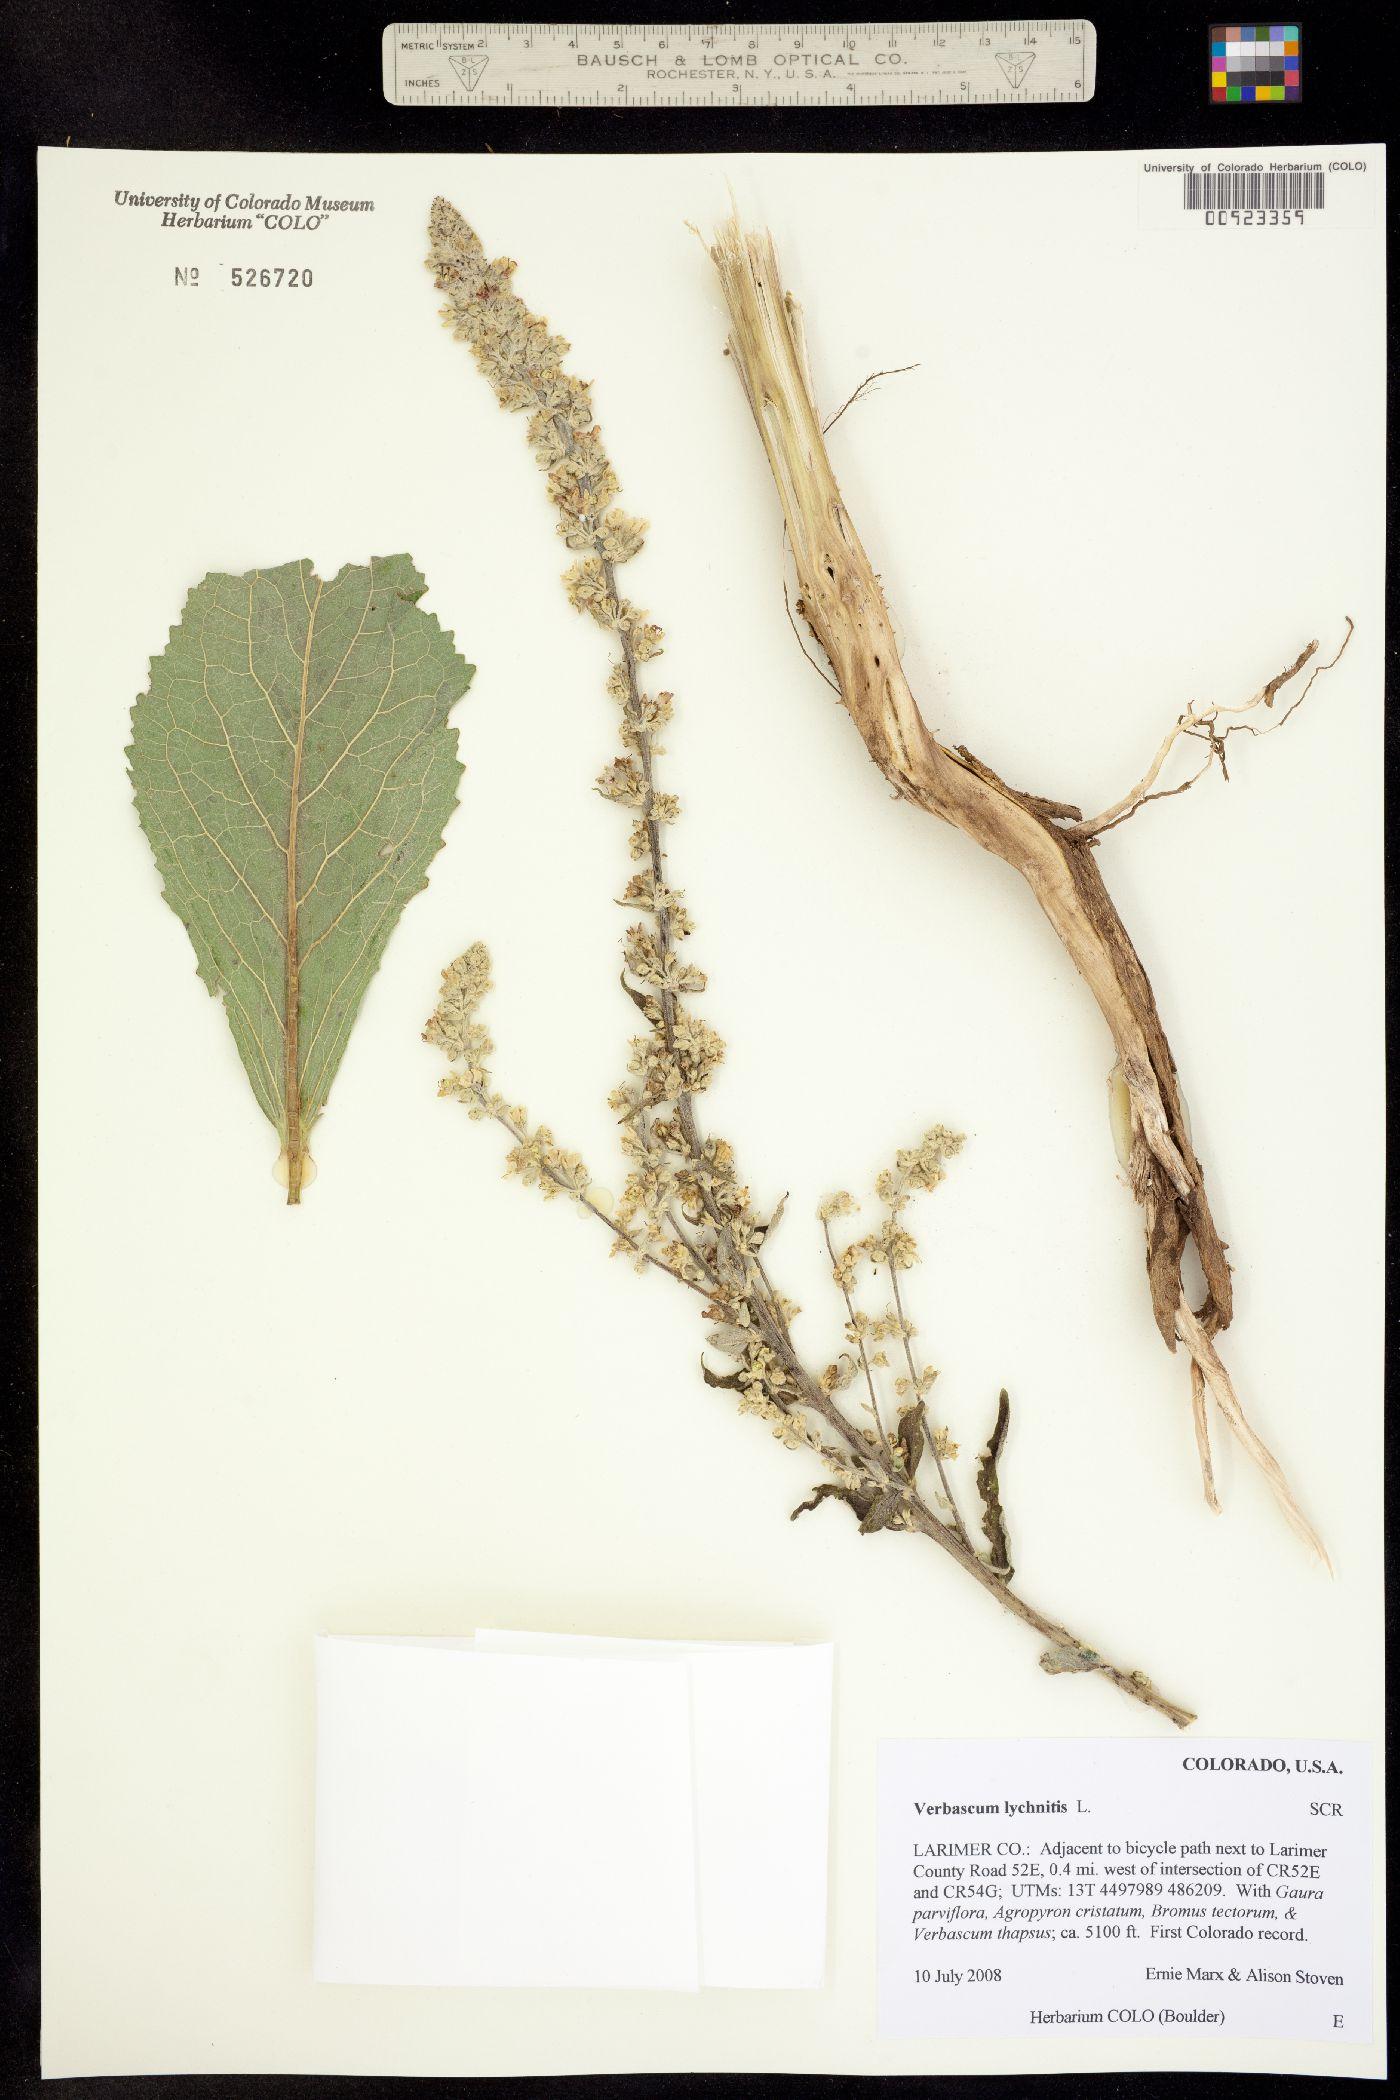 Verbascum lychnitis image